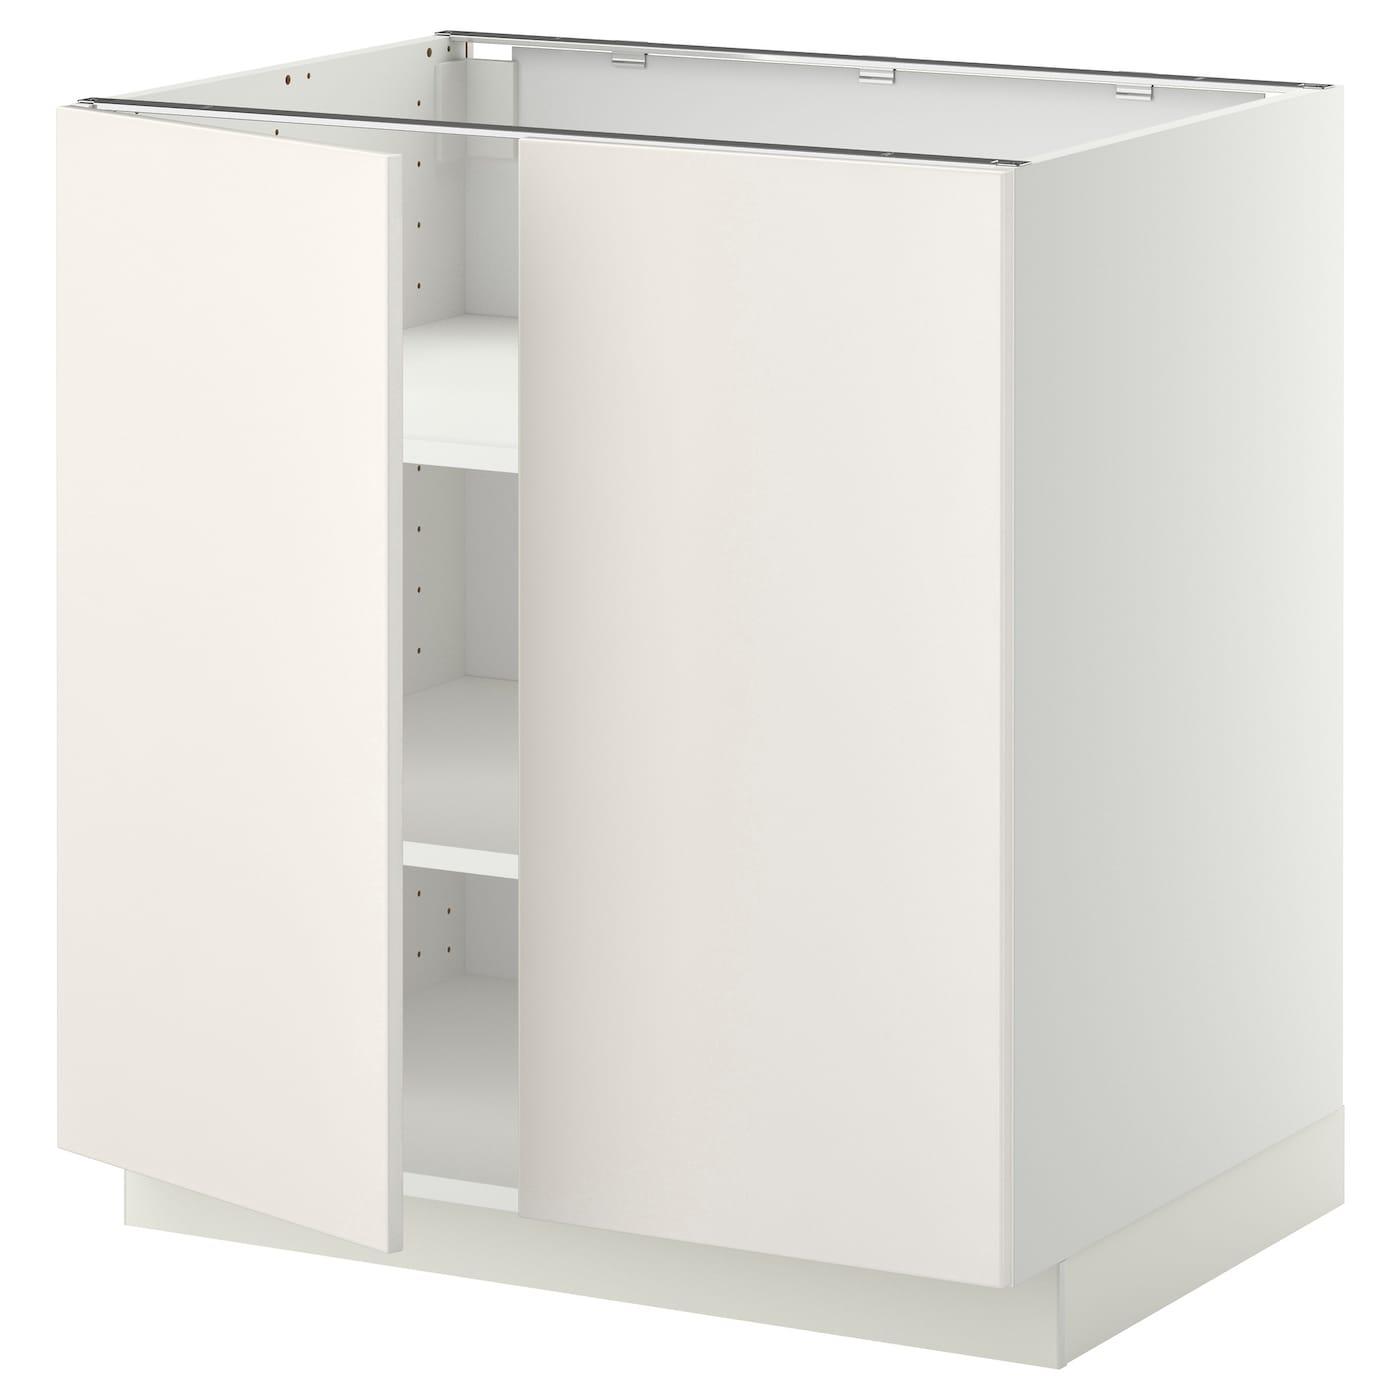 metod armario bajo cocina puertas baldas blanco veddinge blanco 80 x 60 cm ikea. Black Bedroom Furniture Sets. Home Design Ideas